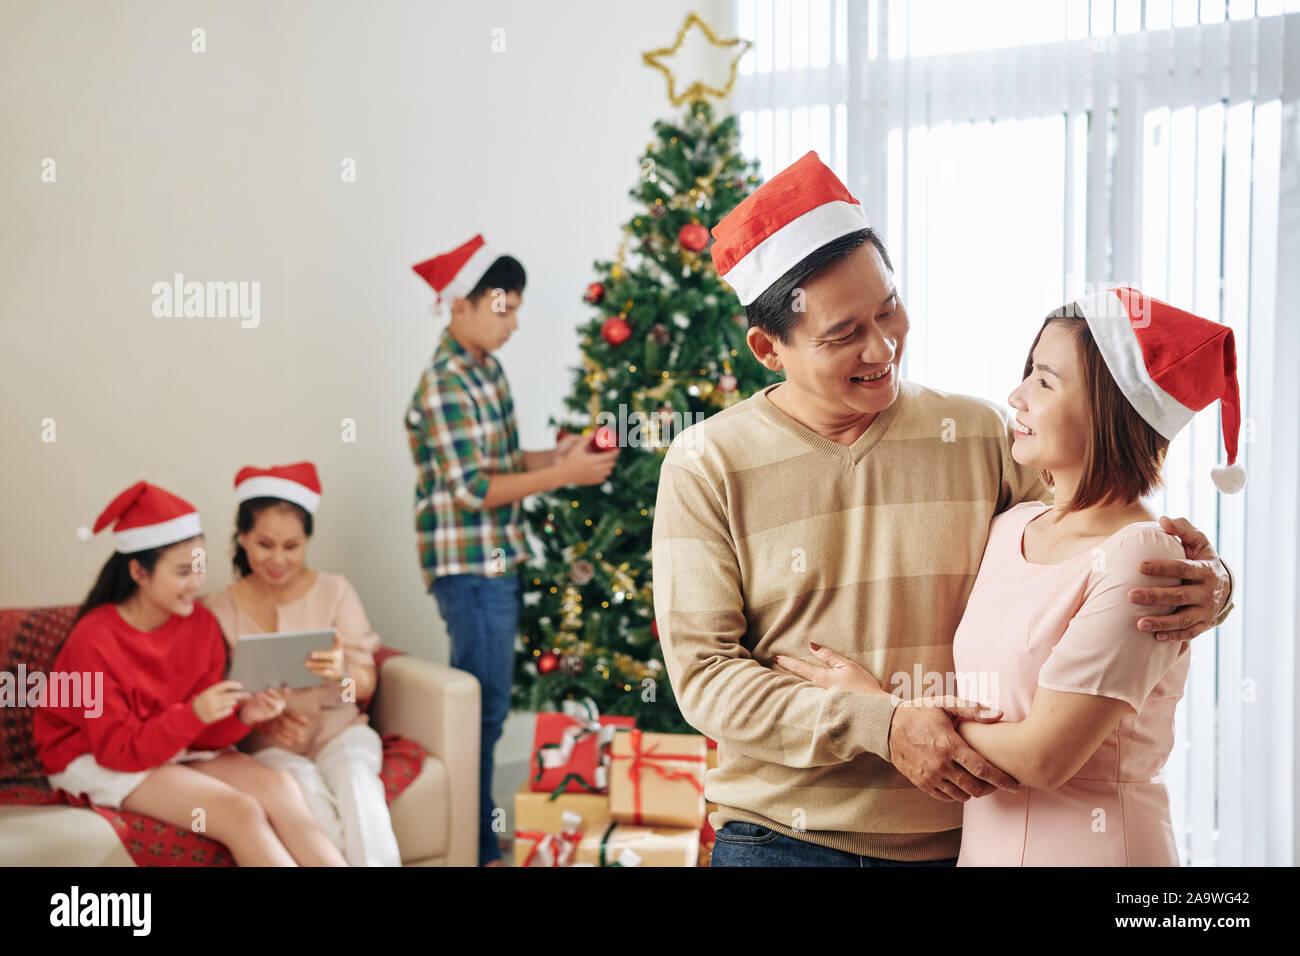 Lächelnd im mittleren Alter Mann und Frau umarmen und an jedem anderen suchen, wenn Ihre Familie Vorbereitung auf Weihnachten Feier Stockfoto